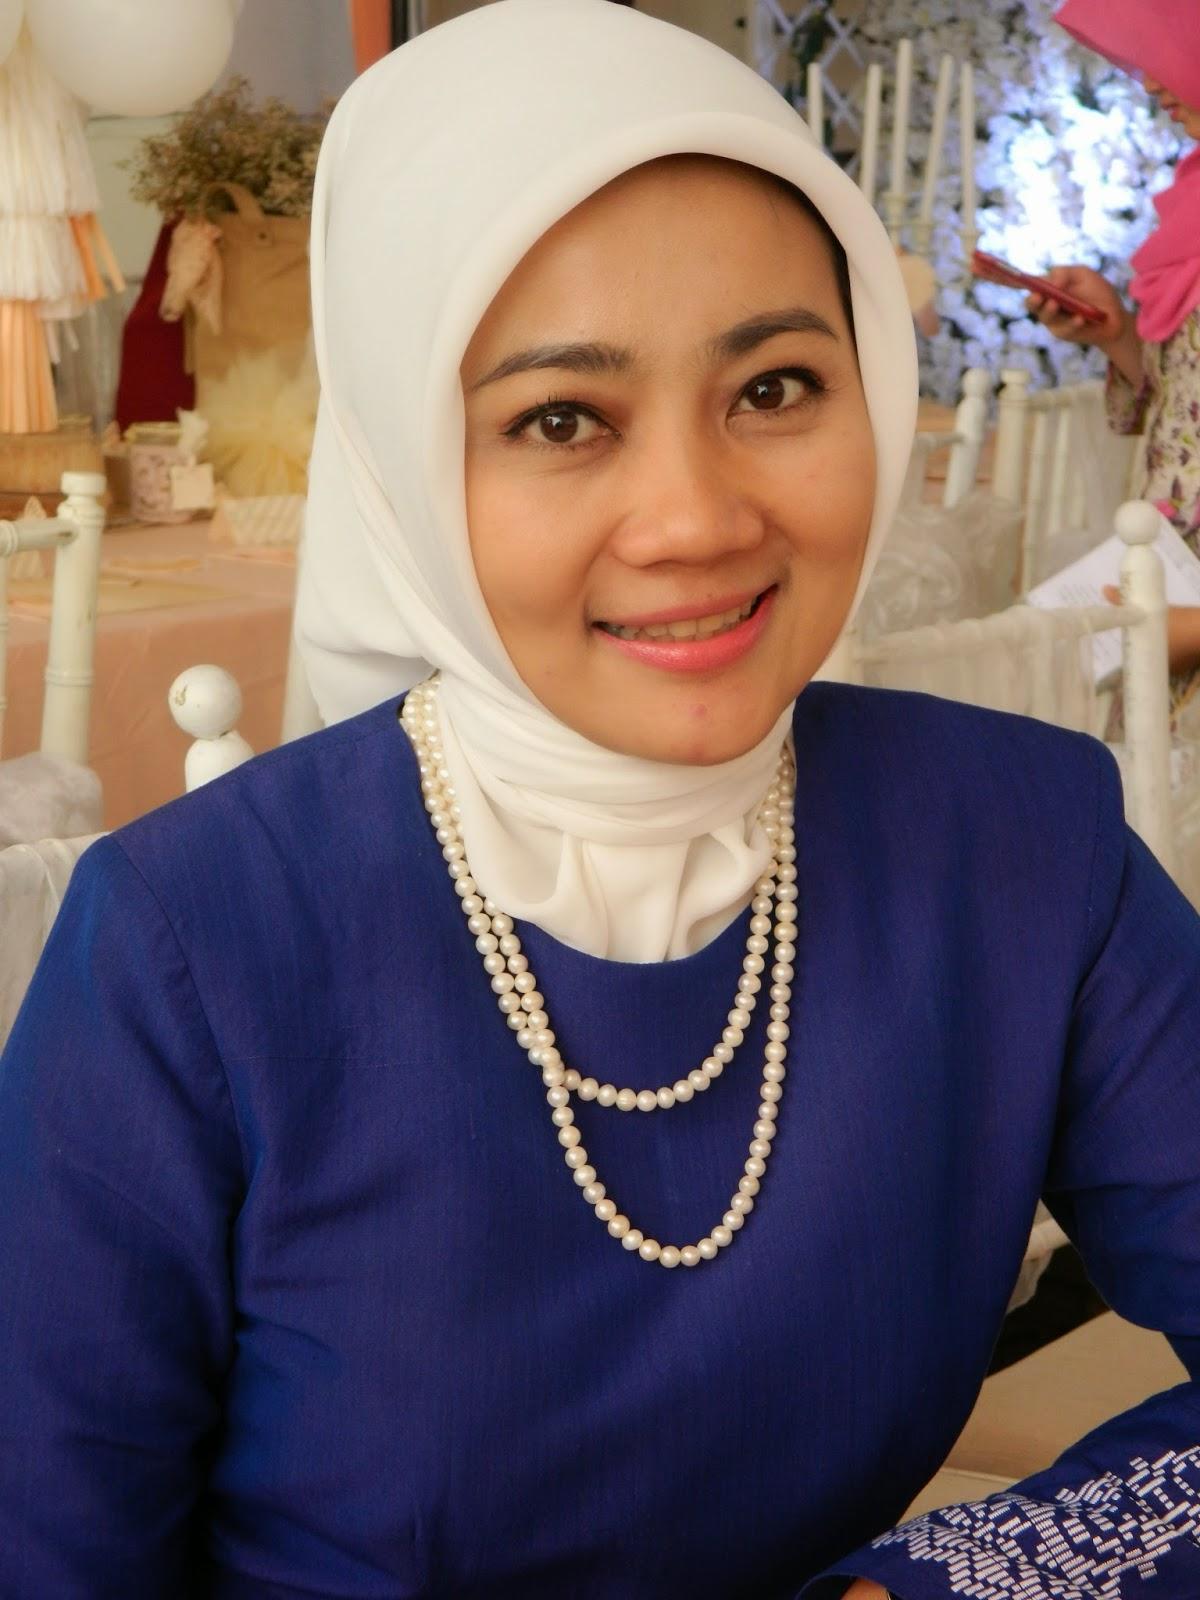 Istri dari Walikota Bandung Ridwan Kamil.      Sumber:2.bp.blogspot